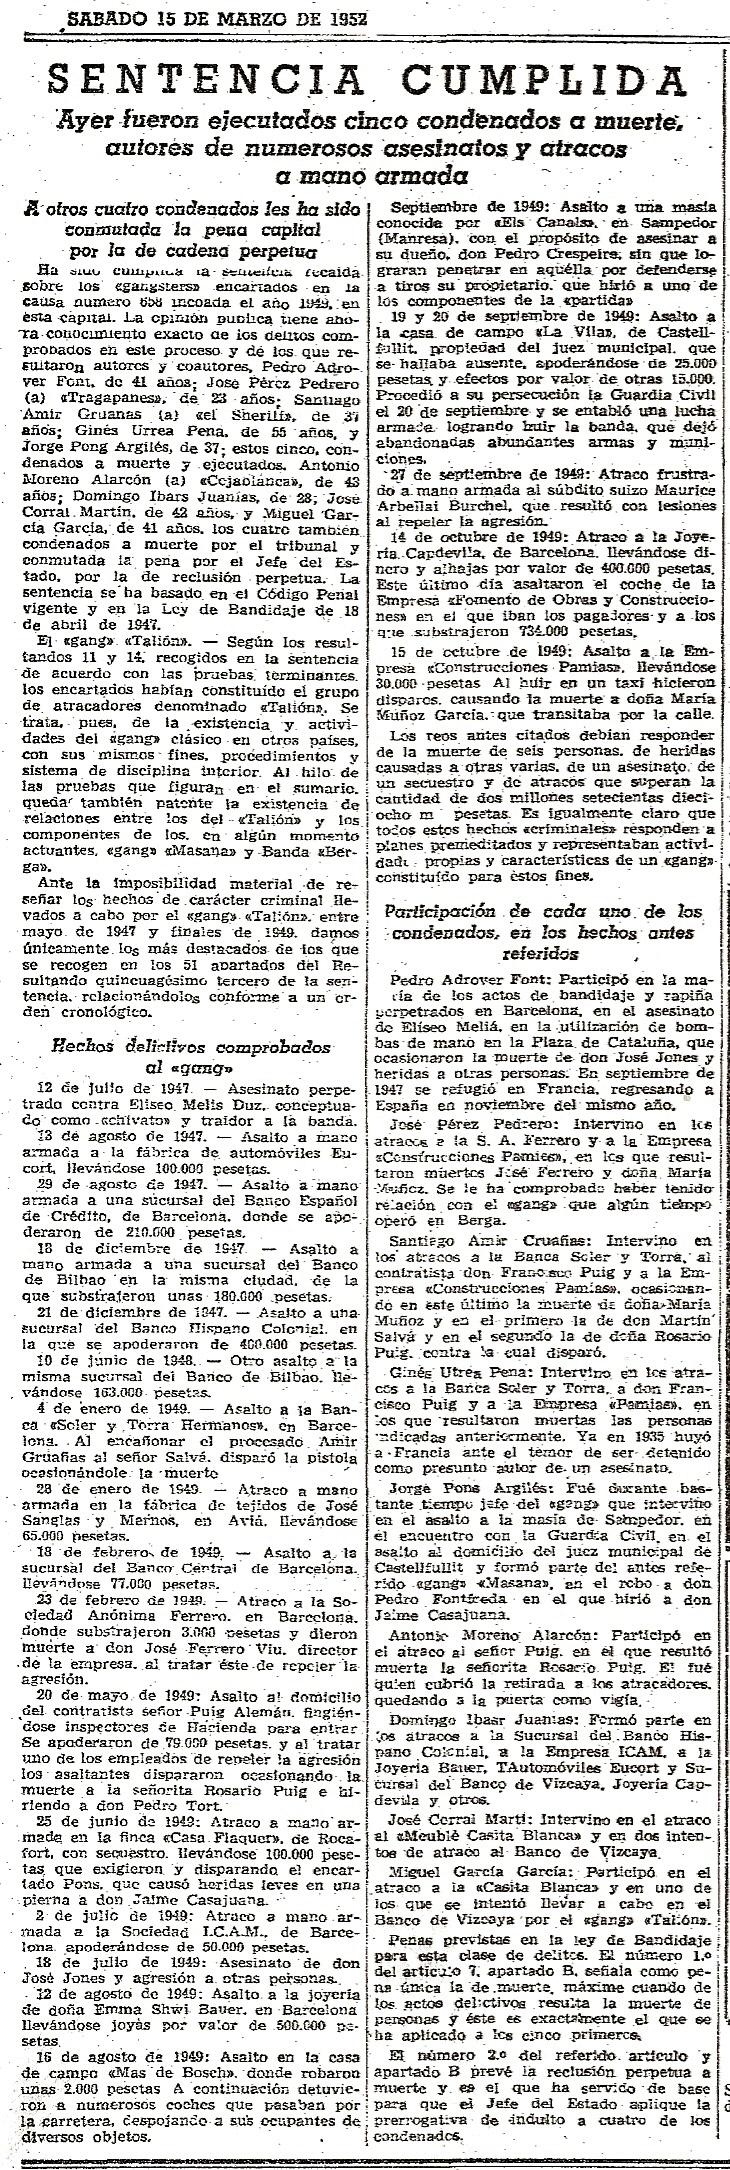 Ejecución de Santiago Amir y otros cuatro miembros de los grupos de acción. La Vanguardia 15-3-1952.